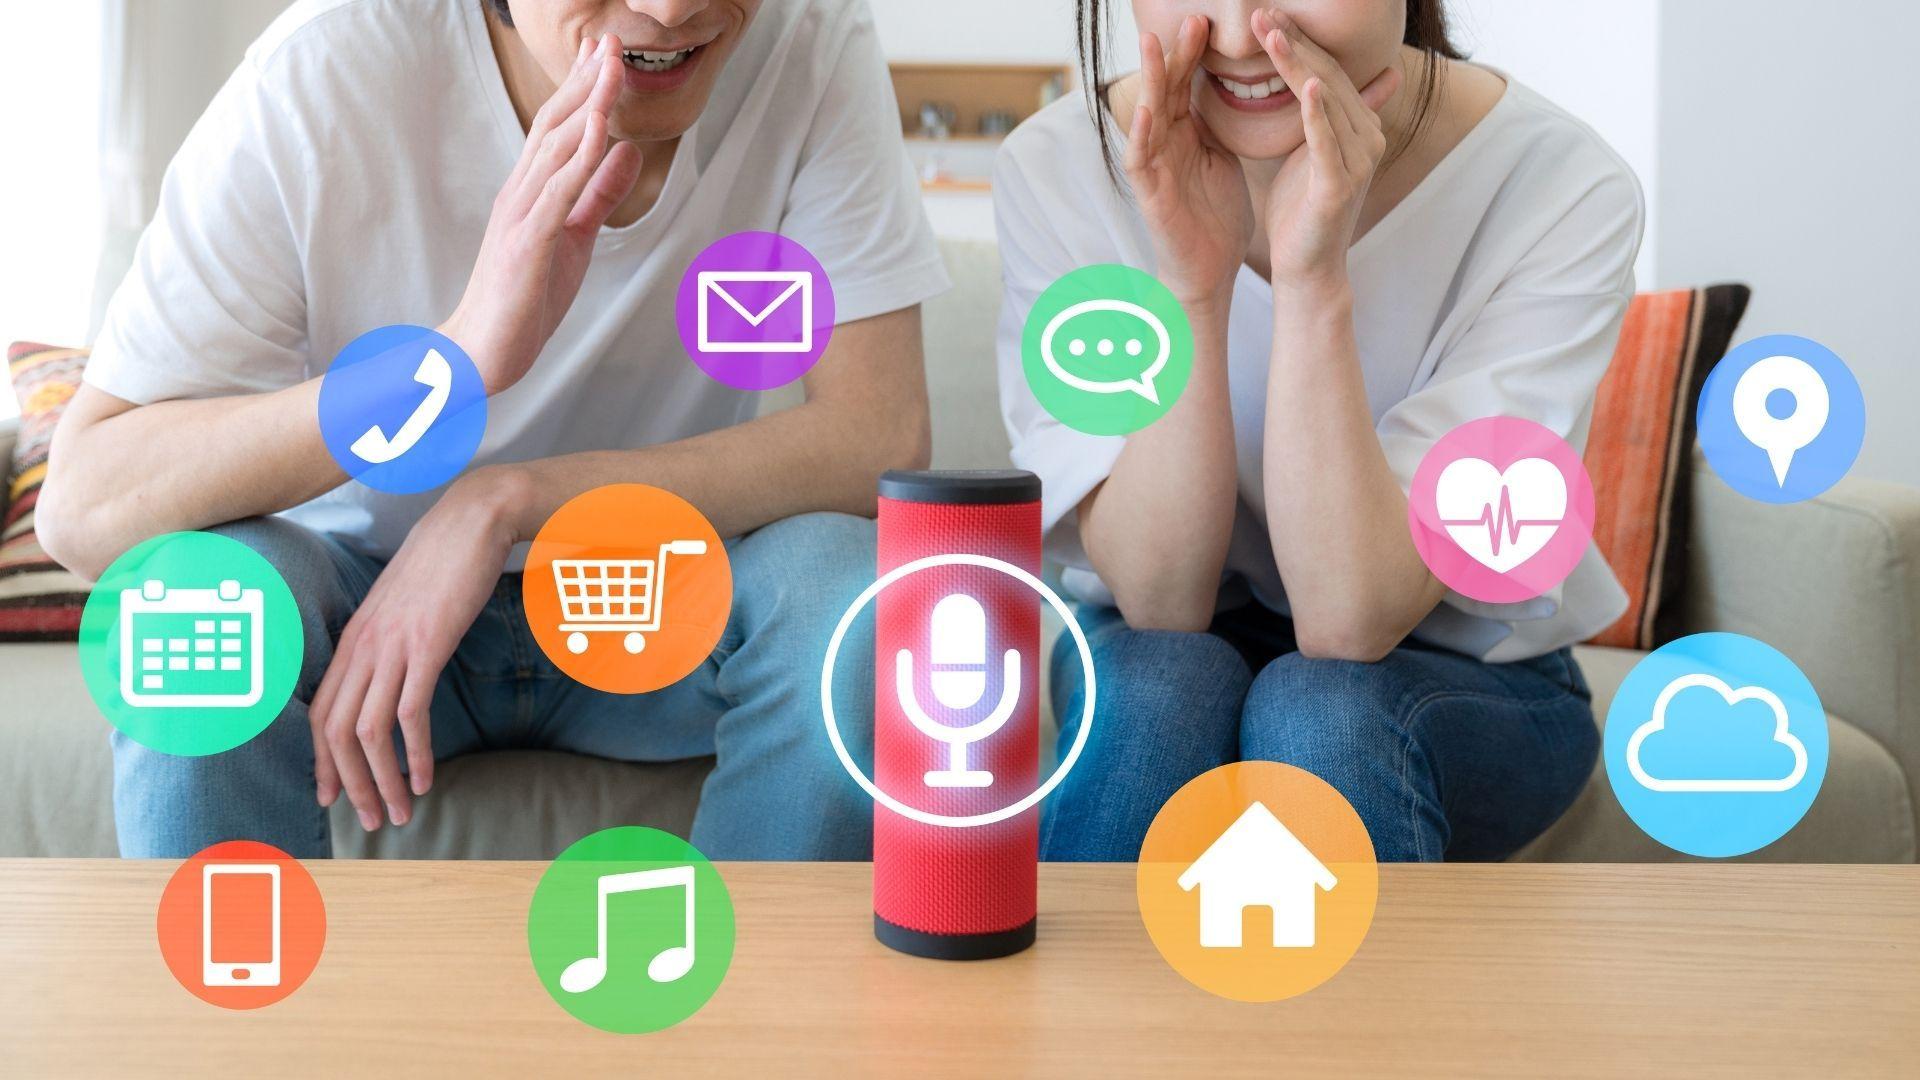 Smart speakers conseguem conectar comandar diversos aplicativos, como lâmpadas inteligentes, TVs e pipoqueiras elétricas. (Imagem: Reprodução/Shutterstock)